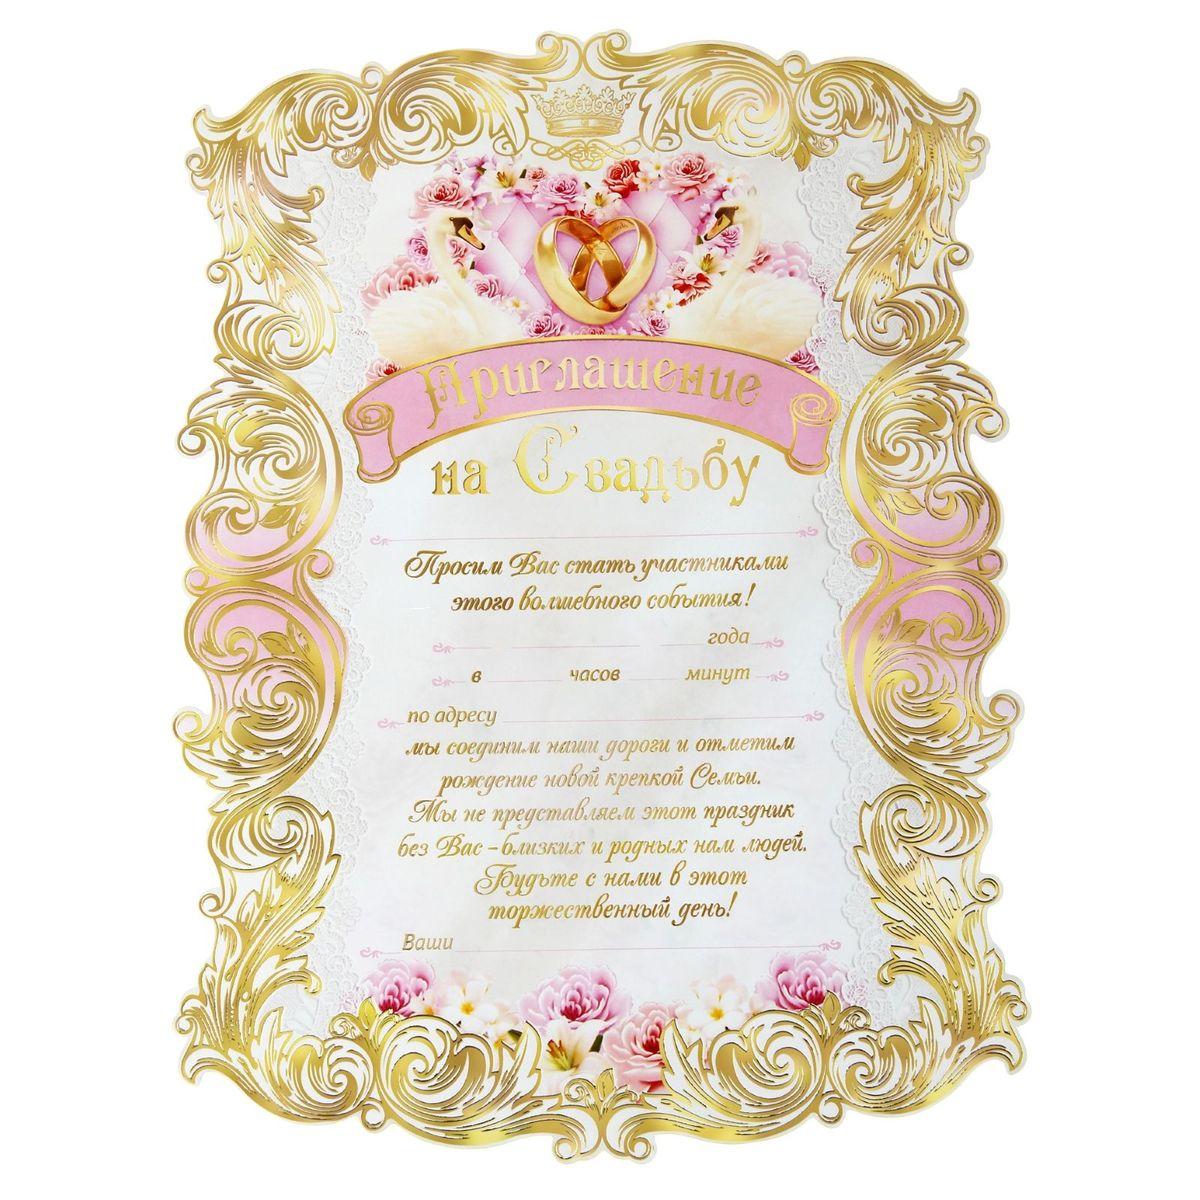 Свадебные приглашения-свитки Sima-land Лебеди, 0,2 x 17,4 x 24,2 см143338Традиции свадебного обряда уходят корнями в далекое прошлое, когда многие важные документы, приказы, указы, послания передавались в форме свитков. Добавить оригинальность и показать верность традициям поможет свадебное приглашение-свиток Лебеди. Разработанное дизайнерами специально для вашей свадебной церемонии приглашение подчеркнёт важность торжества.Изделие имеет неповторимую резную форму. В комплект входит милая ленточка с сердцем. Нежные цвета, традиционные свадебные мотивы и орнамент подойдут к любому стилю, в котором планируется оформить свадьбу. Внутри свитка — текст приглашения с тёплыми словами для адресата. Дизайнеры продумали все детали. Вам остаётся заполнить необходимые строки и раздать гостям.Устройте незабываемую свадьбу!